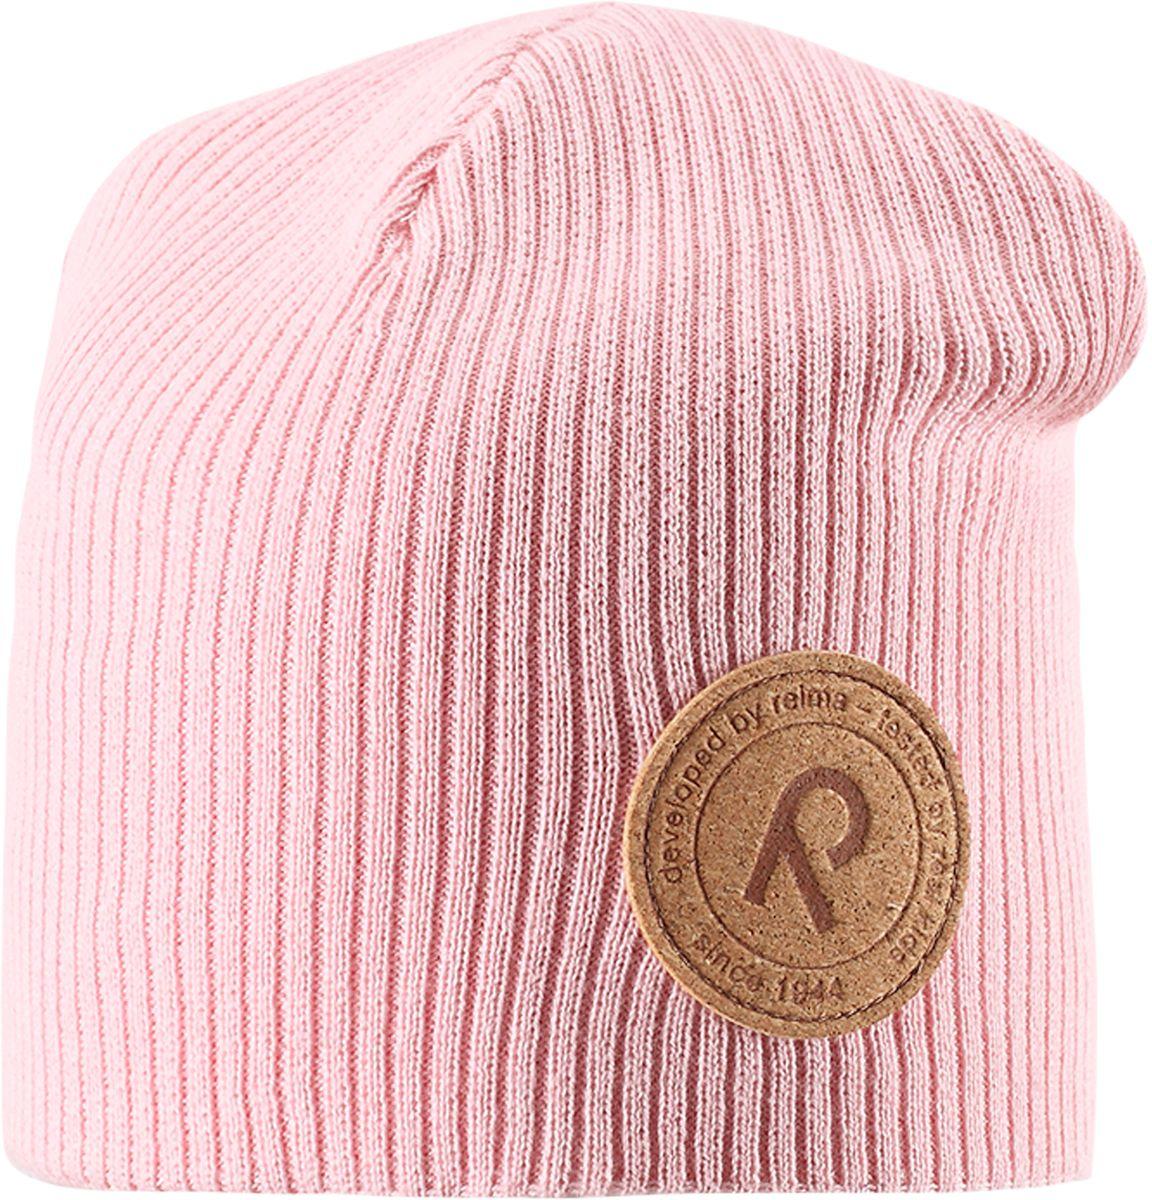 Шапка детская Reima Majakka, цвет: светло-розовый. 5285264010. Размер 505285264010Детская шапка прекрасно подойдет для весенней поры. Она изготовлена из эластичного и легкого вязаного хлопка, мягкого и приятного на ощупь. Материал сертифицирован по стандарту Oeko-Tex. Удлиненная модель с подкладкой. Шапка смотрится ярко и стильно то, что надо для прогулки!